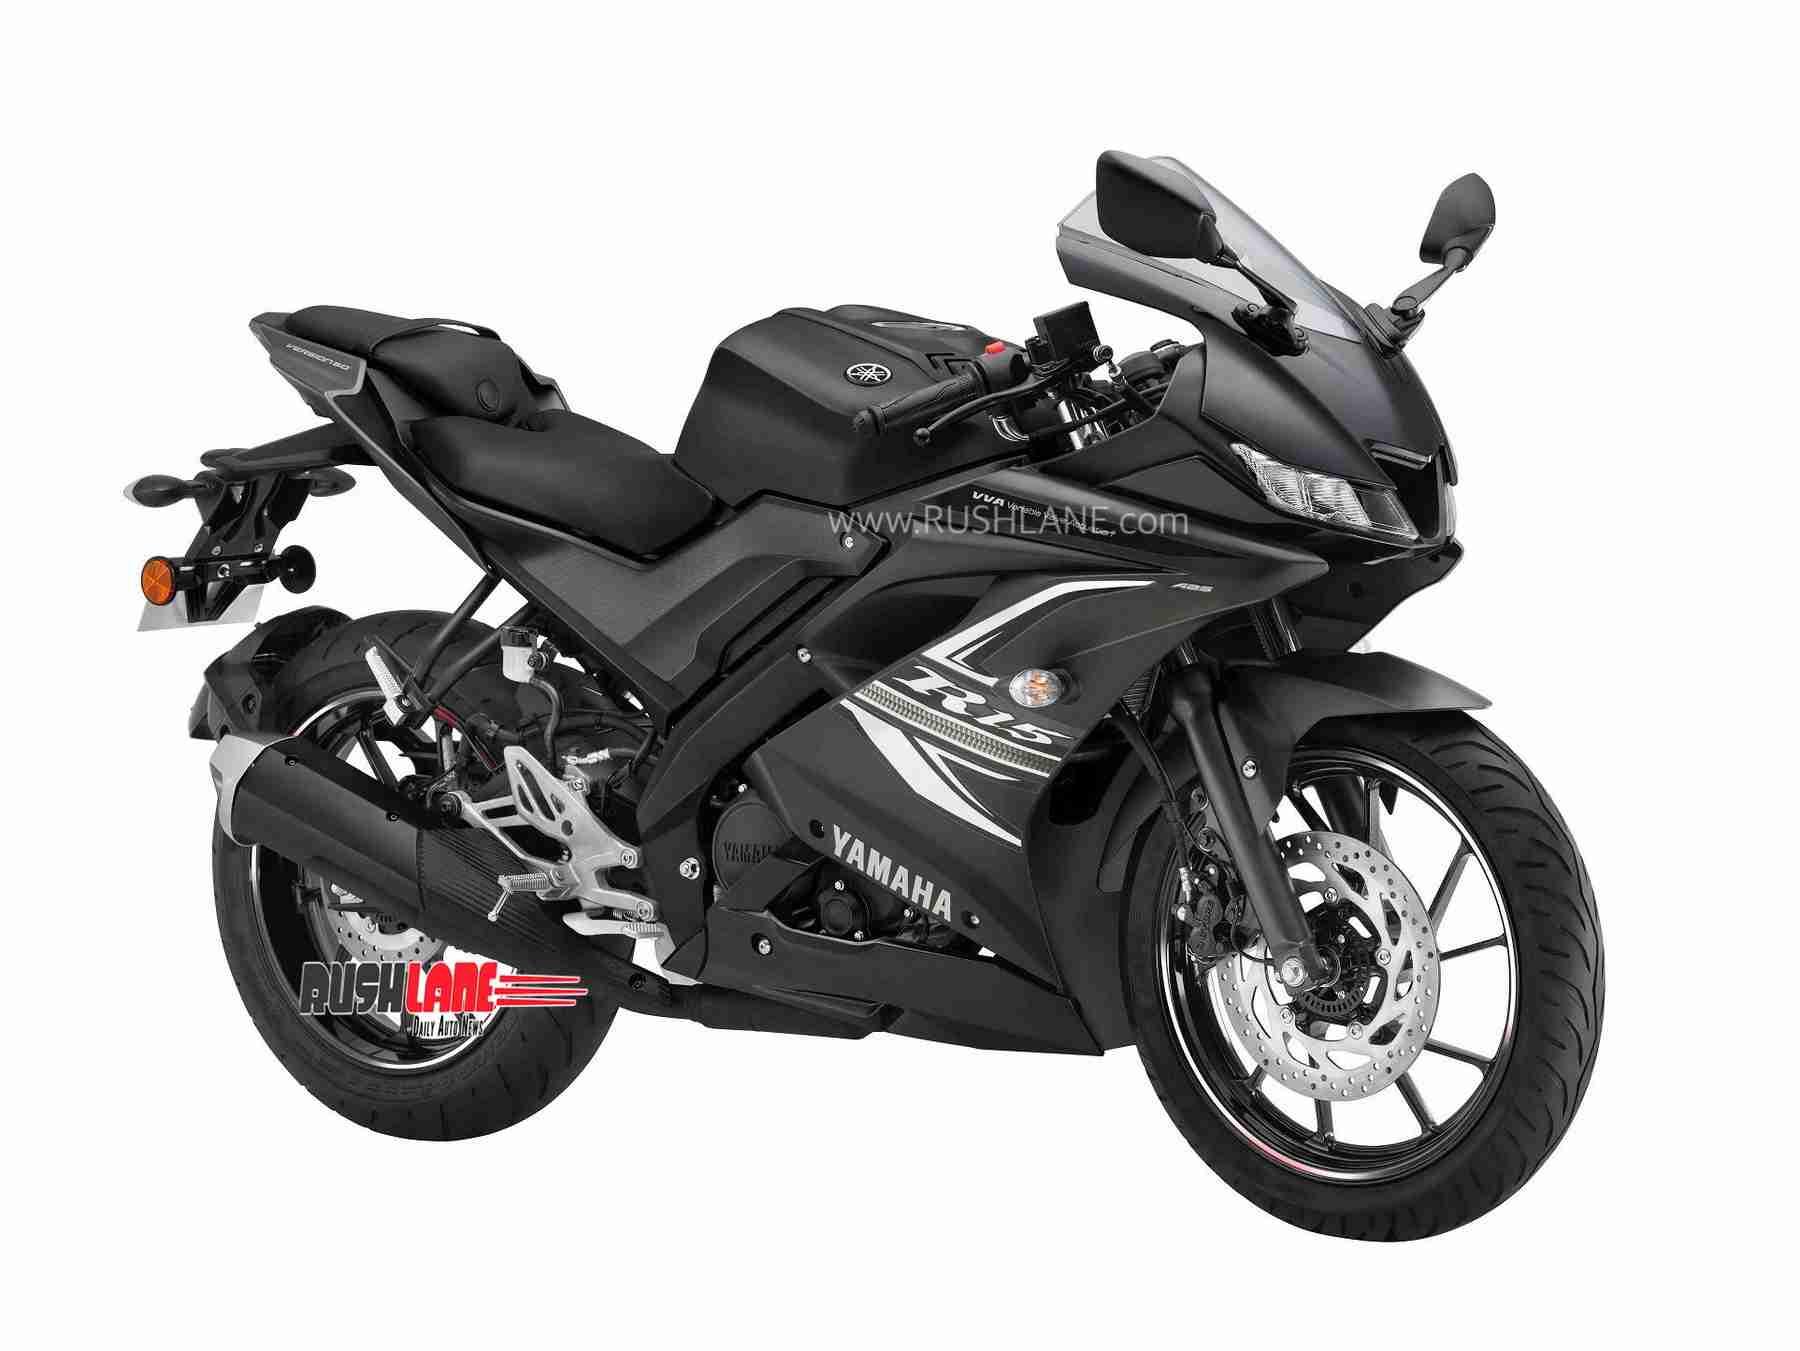 Yamaha R15 BS6 launch price